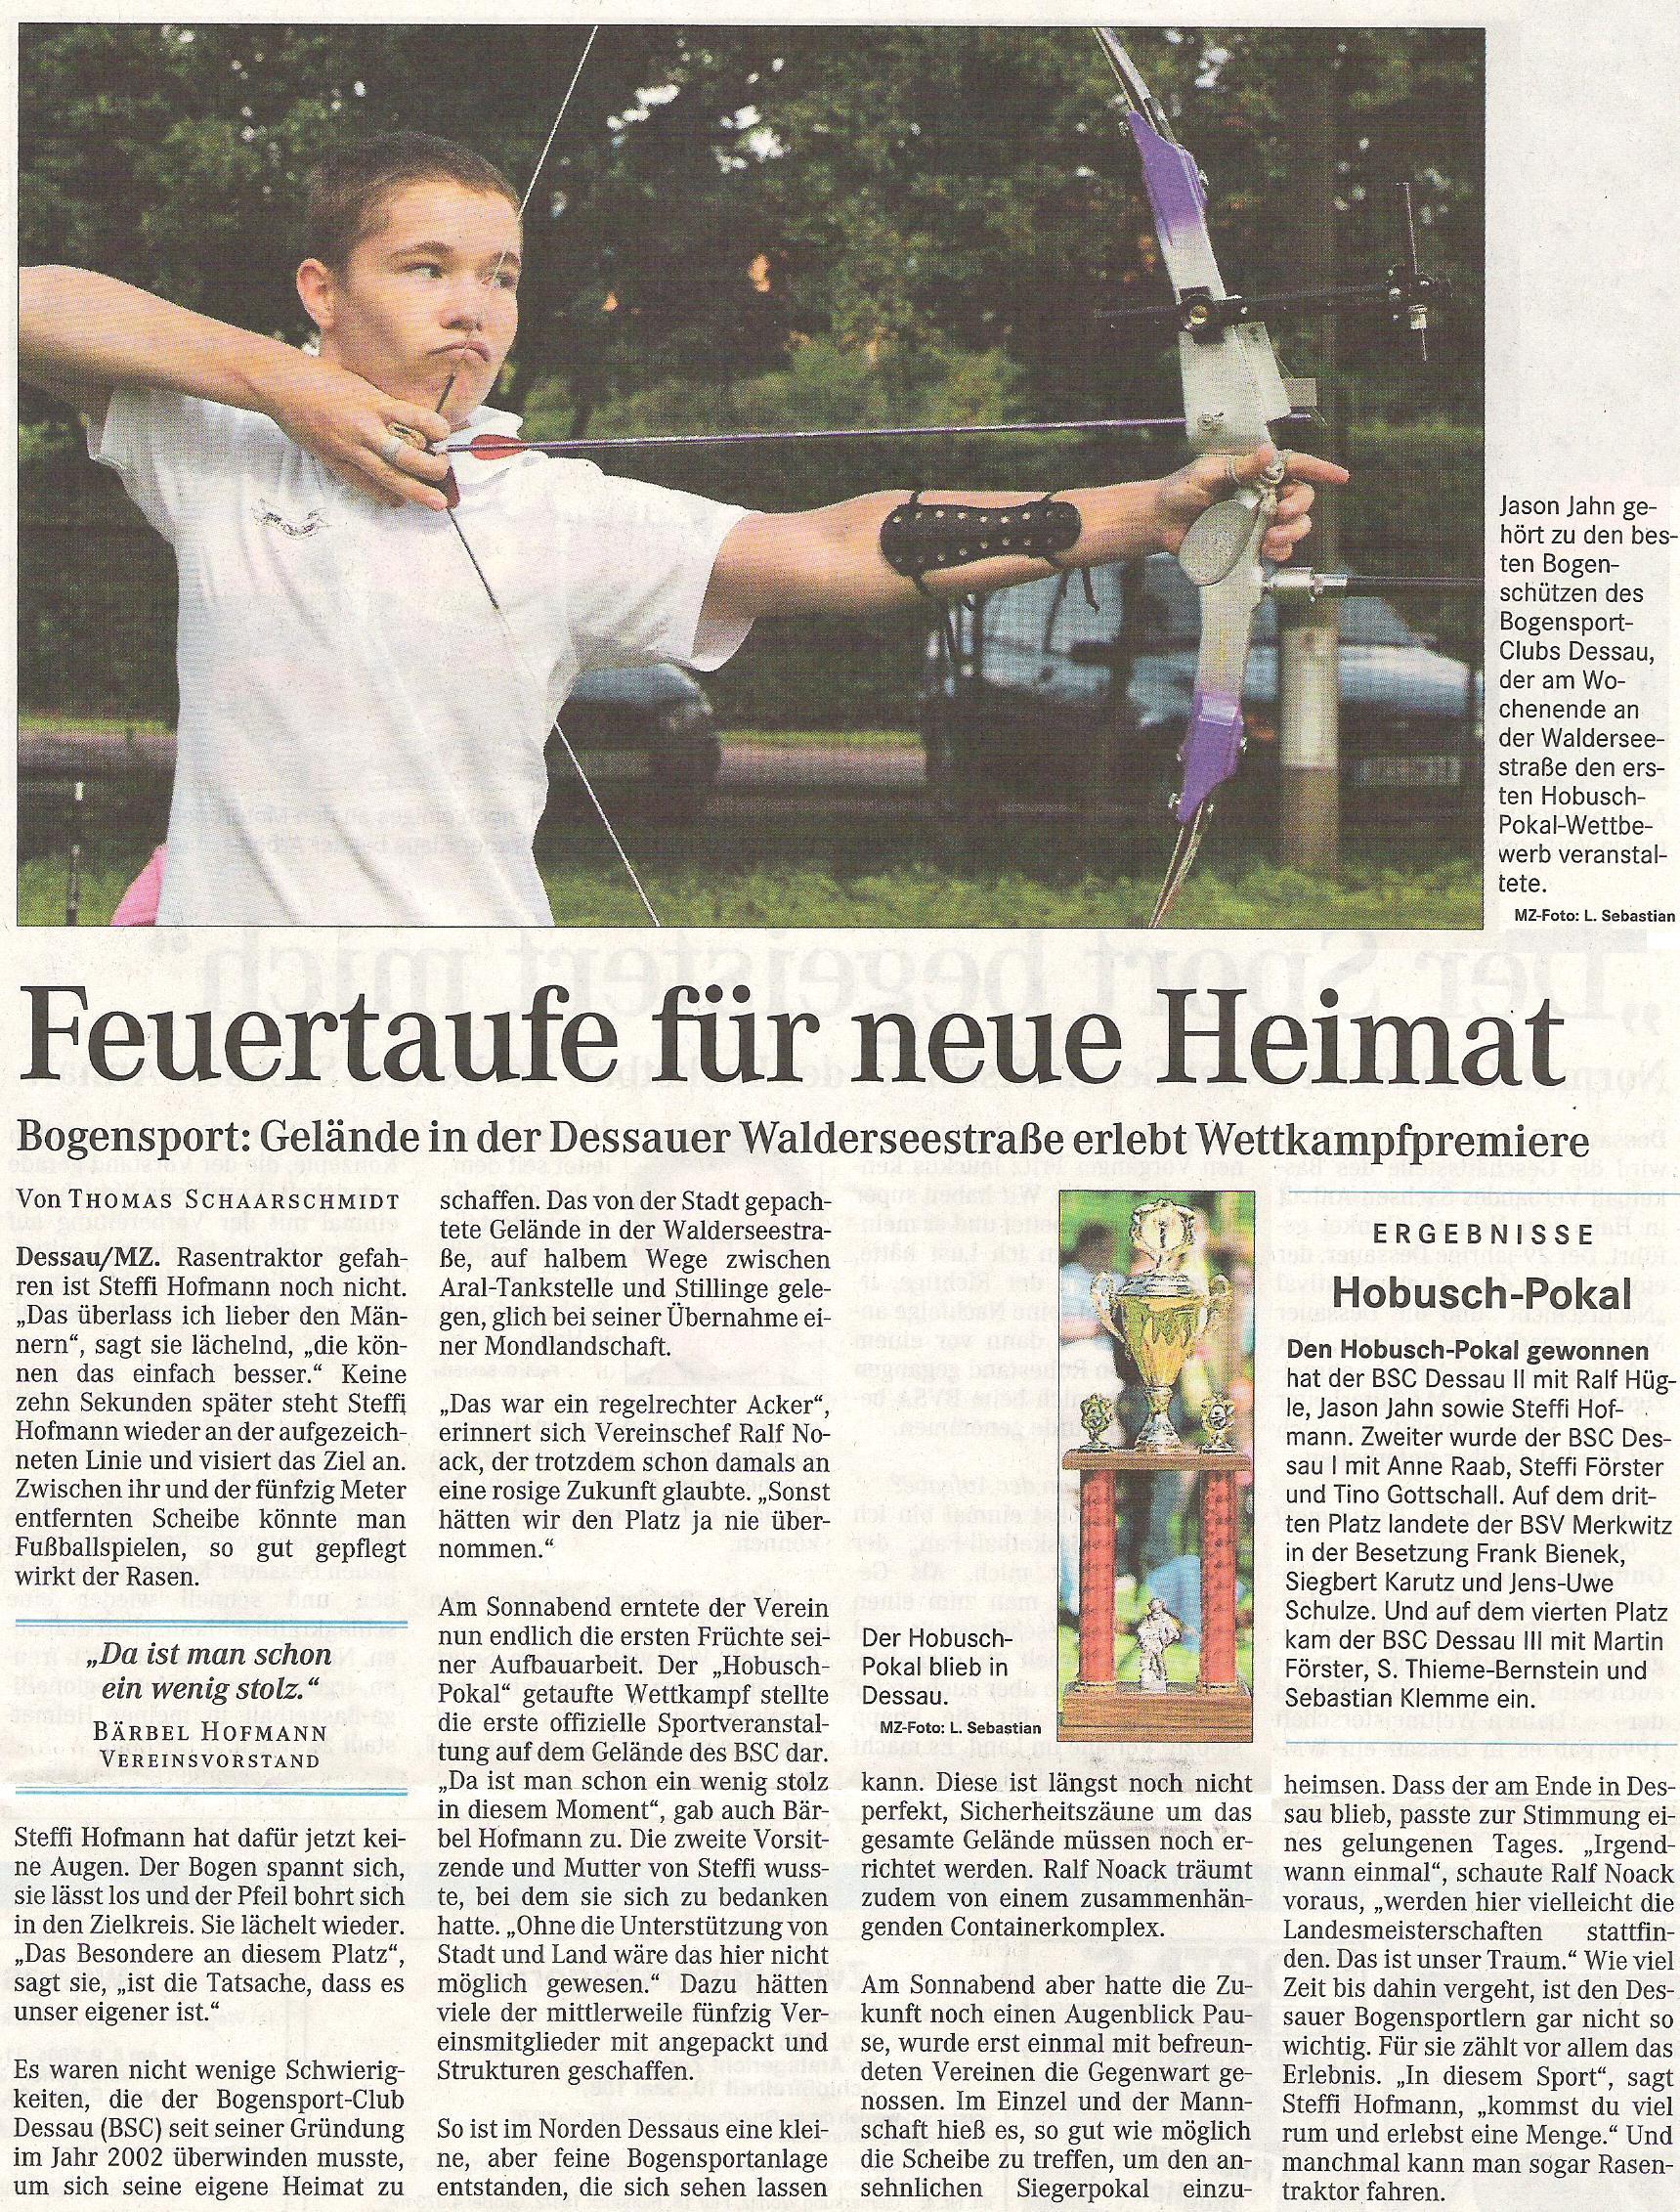 1. Hobusch-Wanderpokal – Mitteldeutsche Zeitung vom 08.08.2005